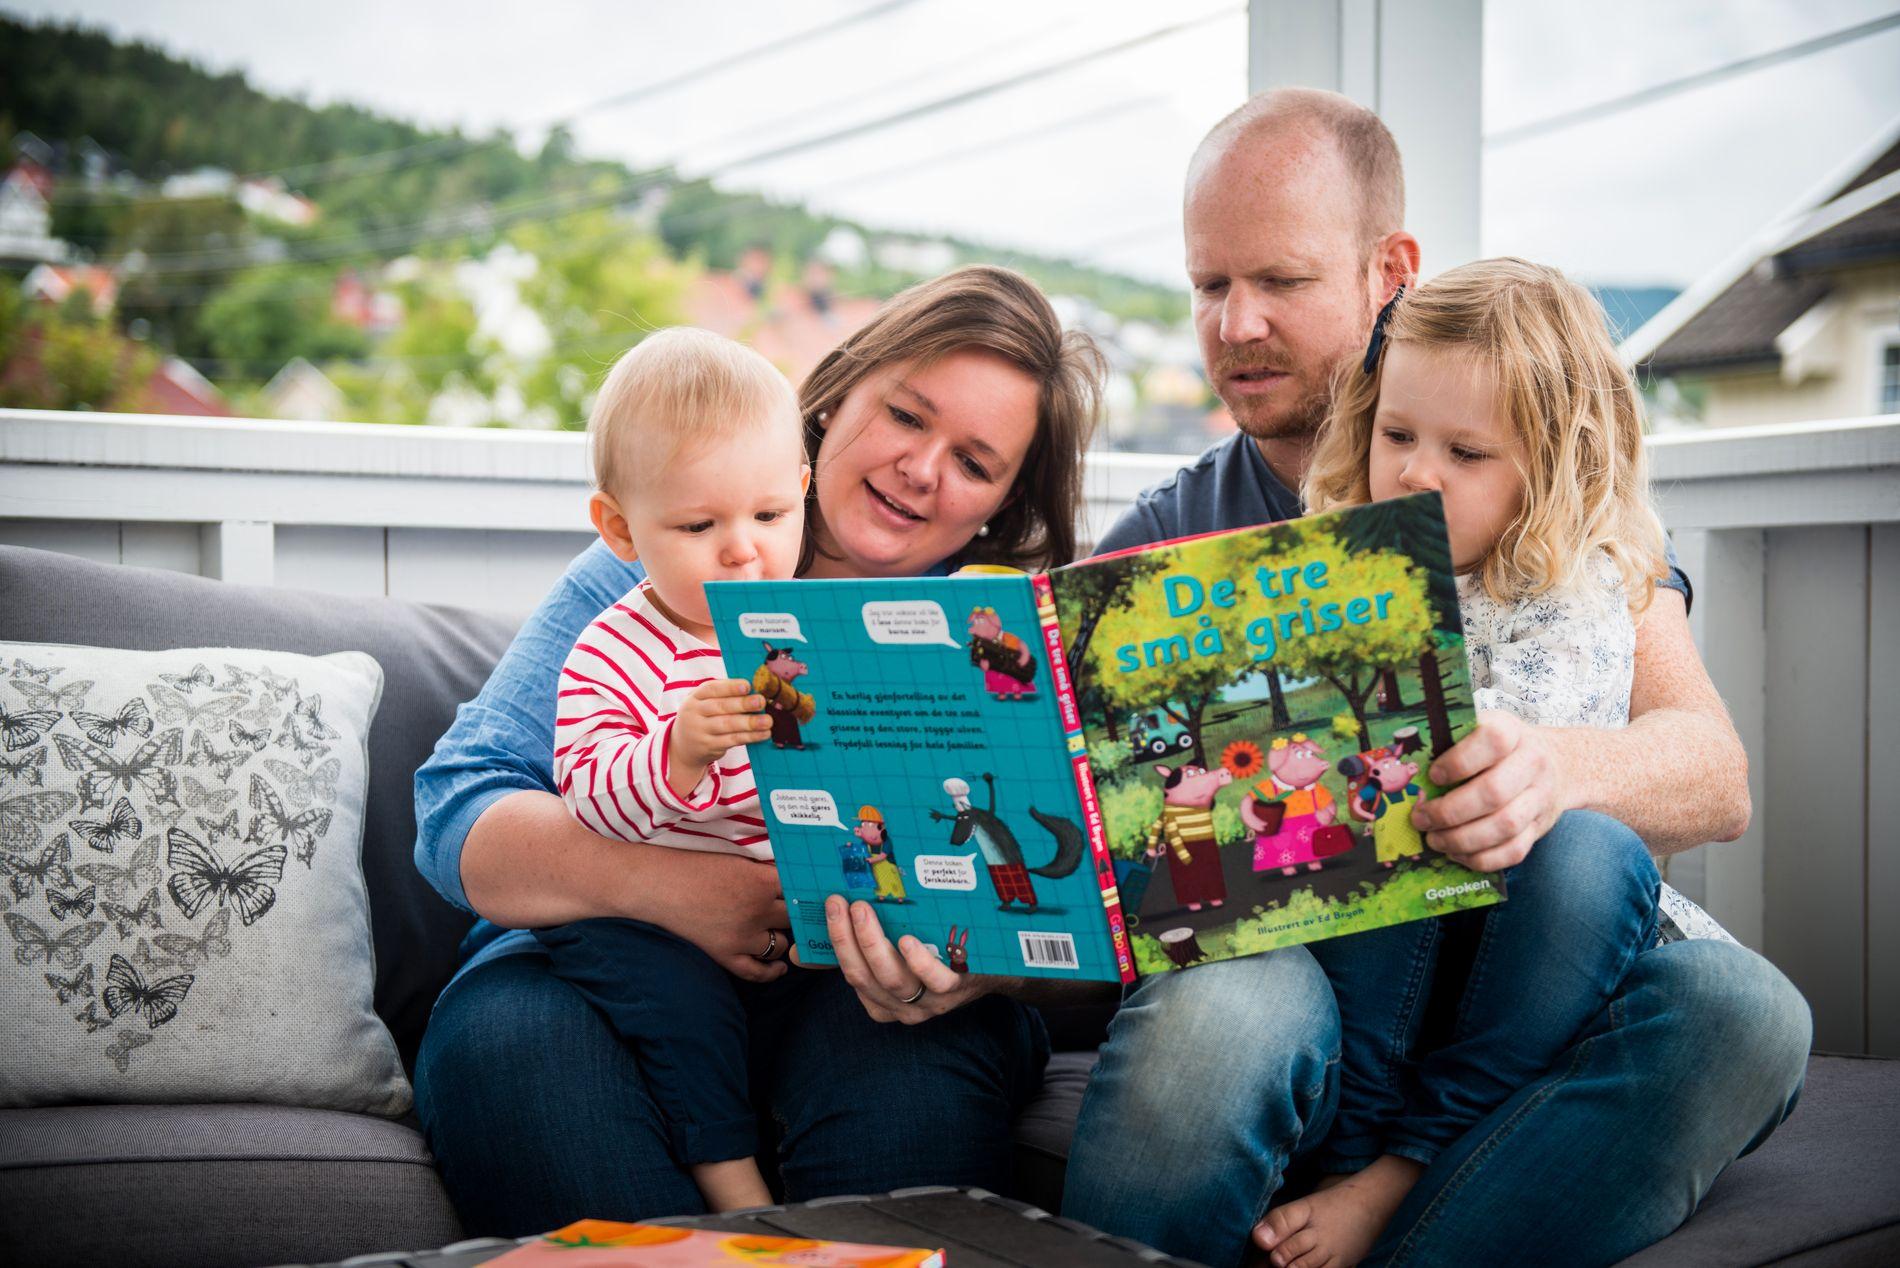 Maria og Bjørn sammen med datteren Iben (4) og sønnen Edvard (16 md.). – Begge elsker å lese. De hadde nesten ikke trengt ekstra leker, fordi de er blitt så glad i bøker.